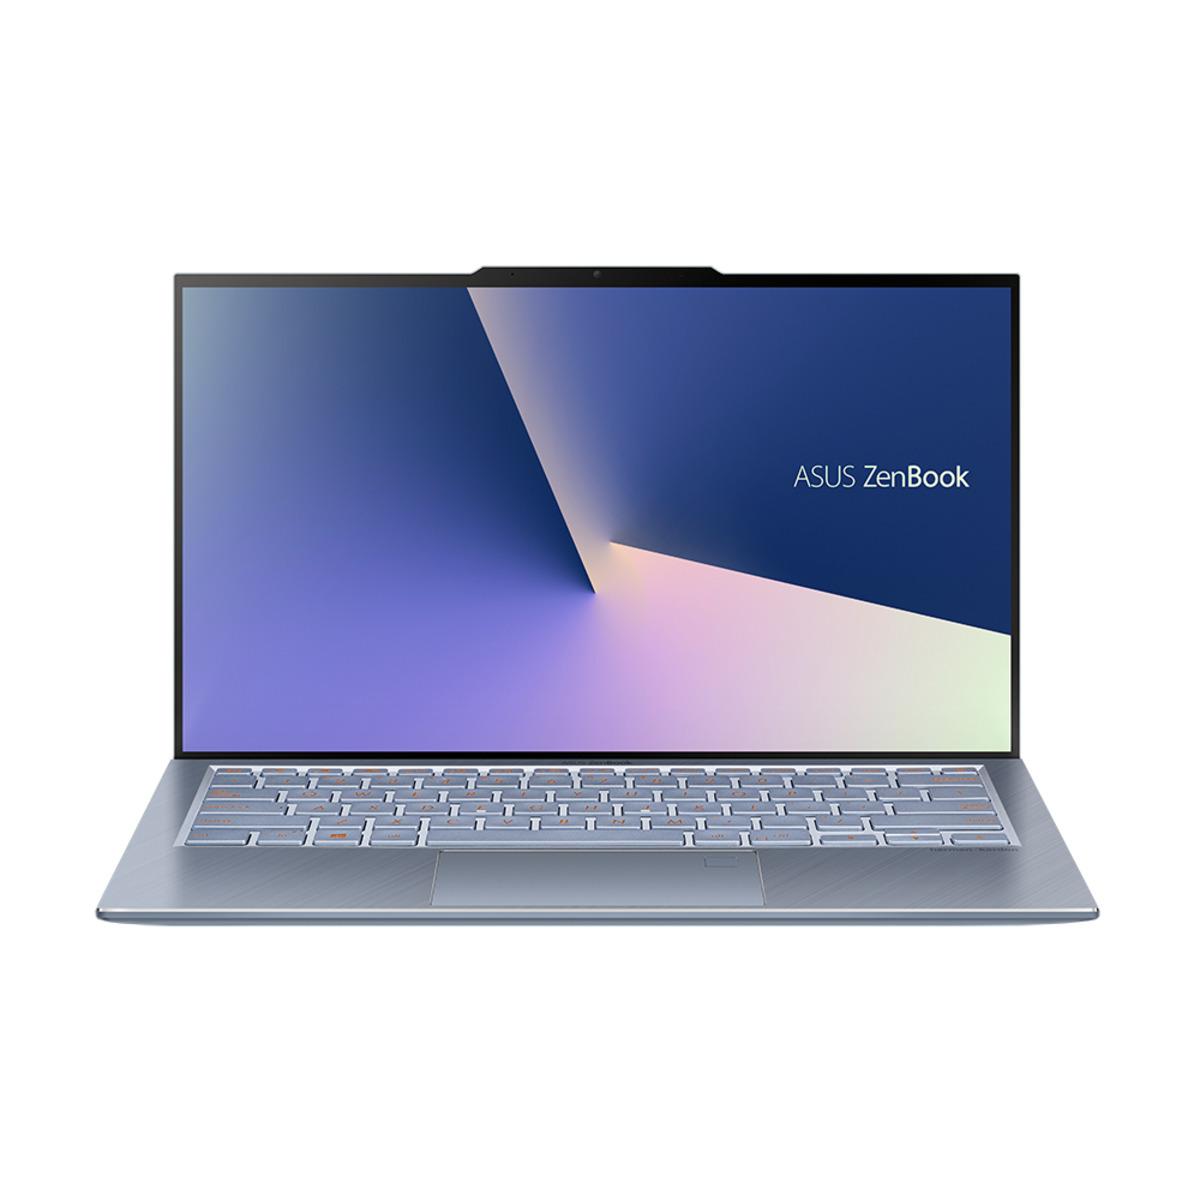 Bild 1 von ASUS UX392FA-AB018T, Notebook mit 13.9 Zoll Display, Core™ i5 Prozessor, 8 GB RAM, 512 GB SSD, Intel® UHD-Grafik 620, Utopia blue